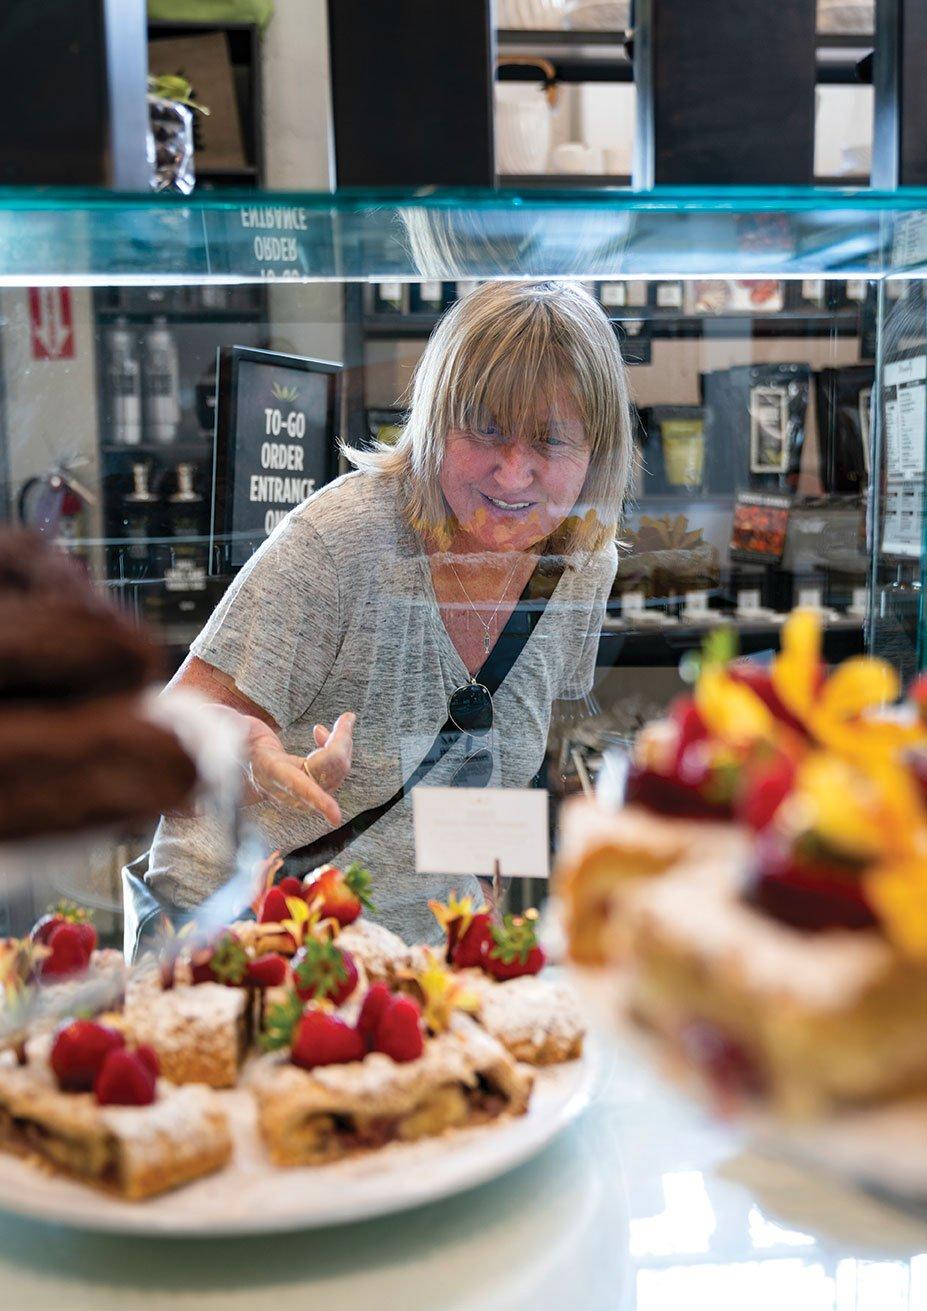 San Diego chef Deborah Scott dines at San Diego restaurant Extraordinary Desserts